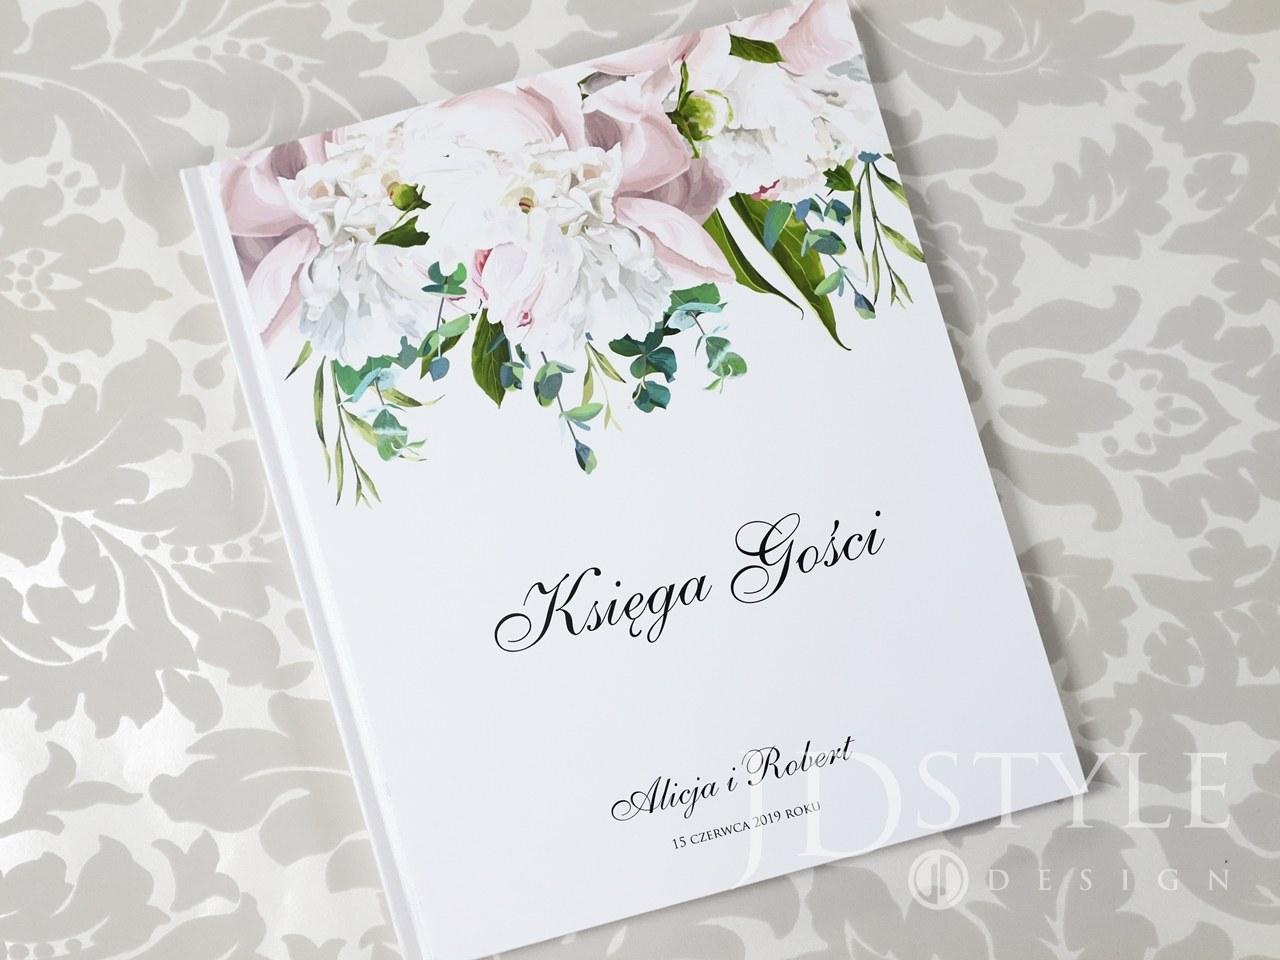 Księga wpisów gości motyw jasno różowych i białych piwonii FL-48-K